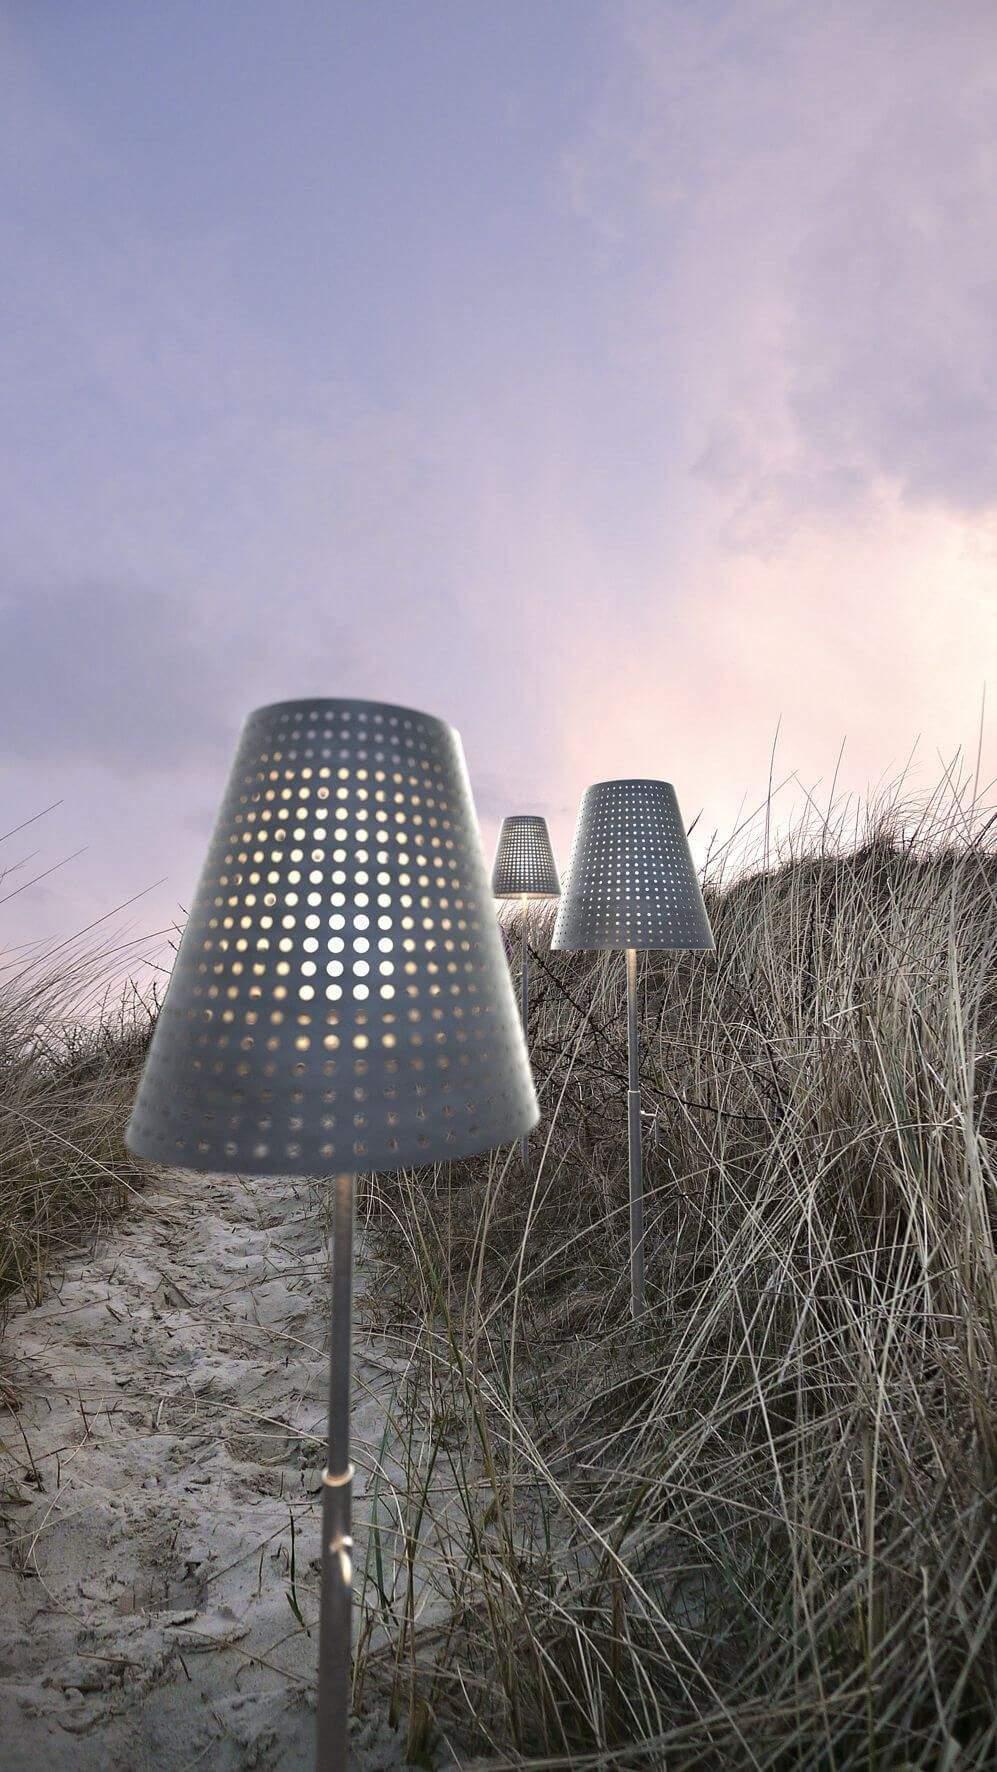 Stehleuchte Garten Neu Industrielle Stehlampe Weglampe Fuse